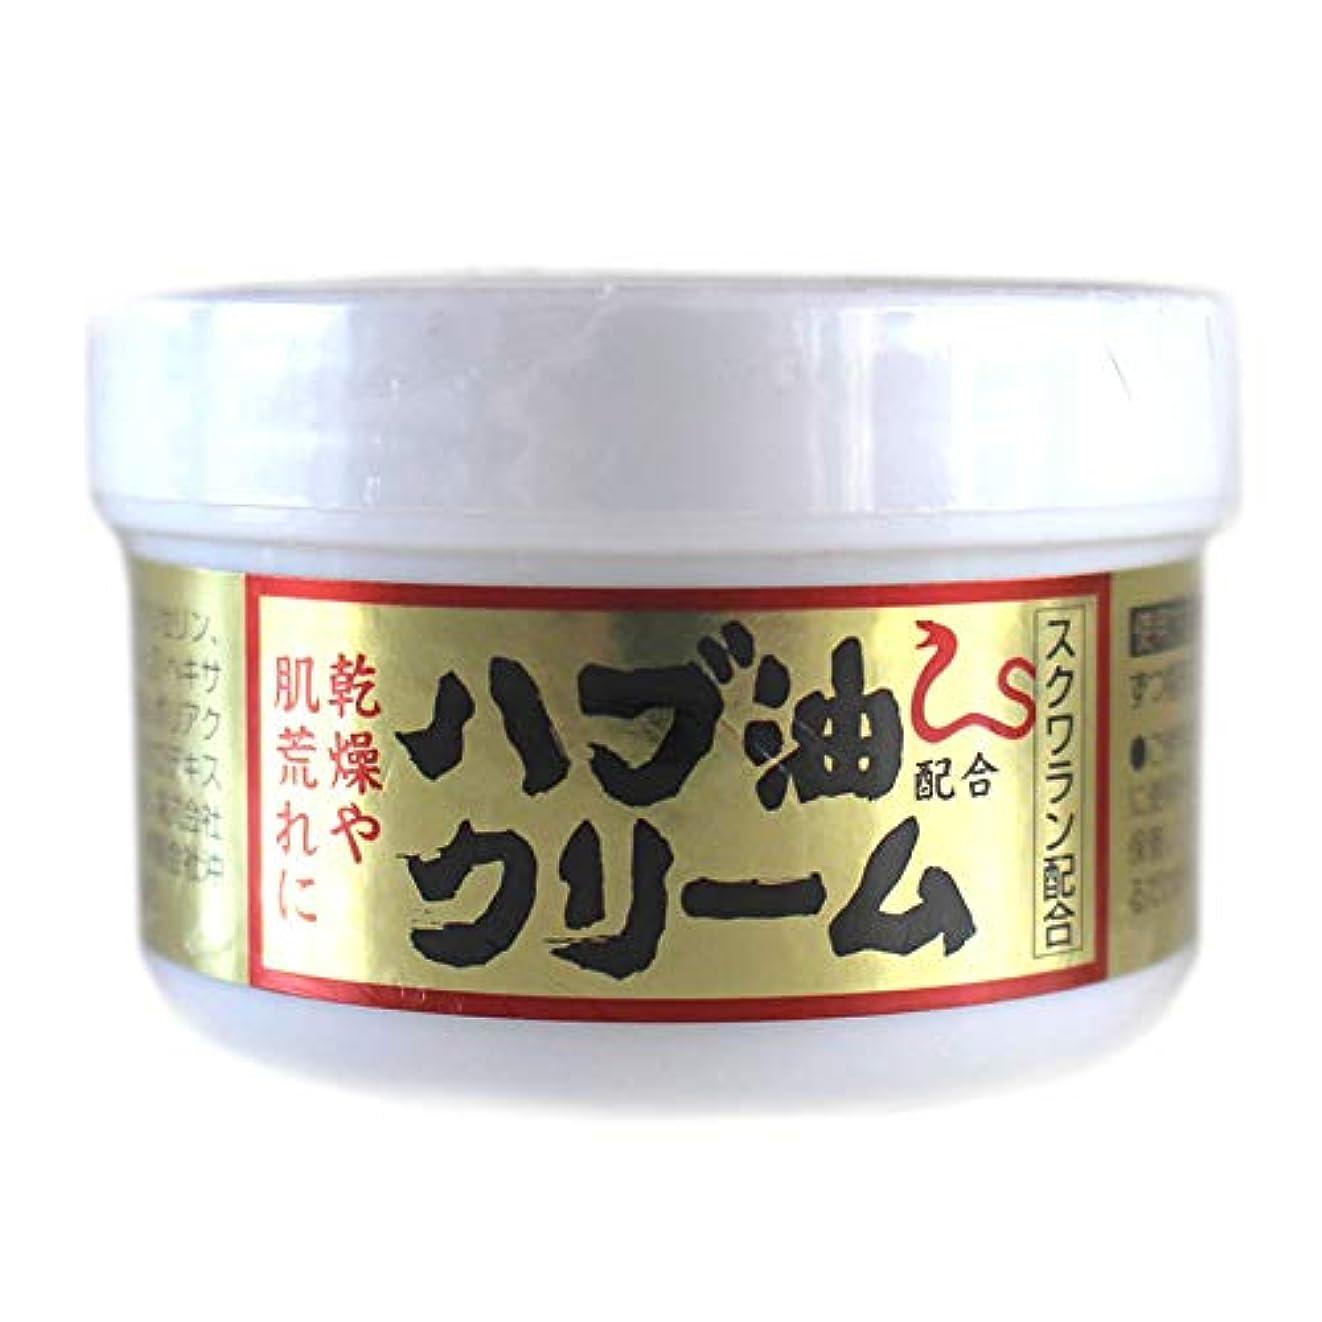 咽頭コール出口ハブ油配合クリーム 3個【1個?50g】